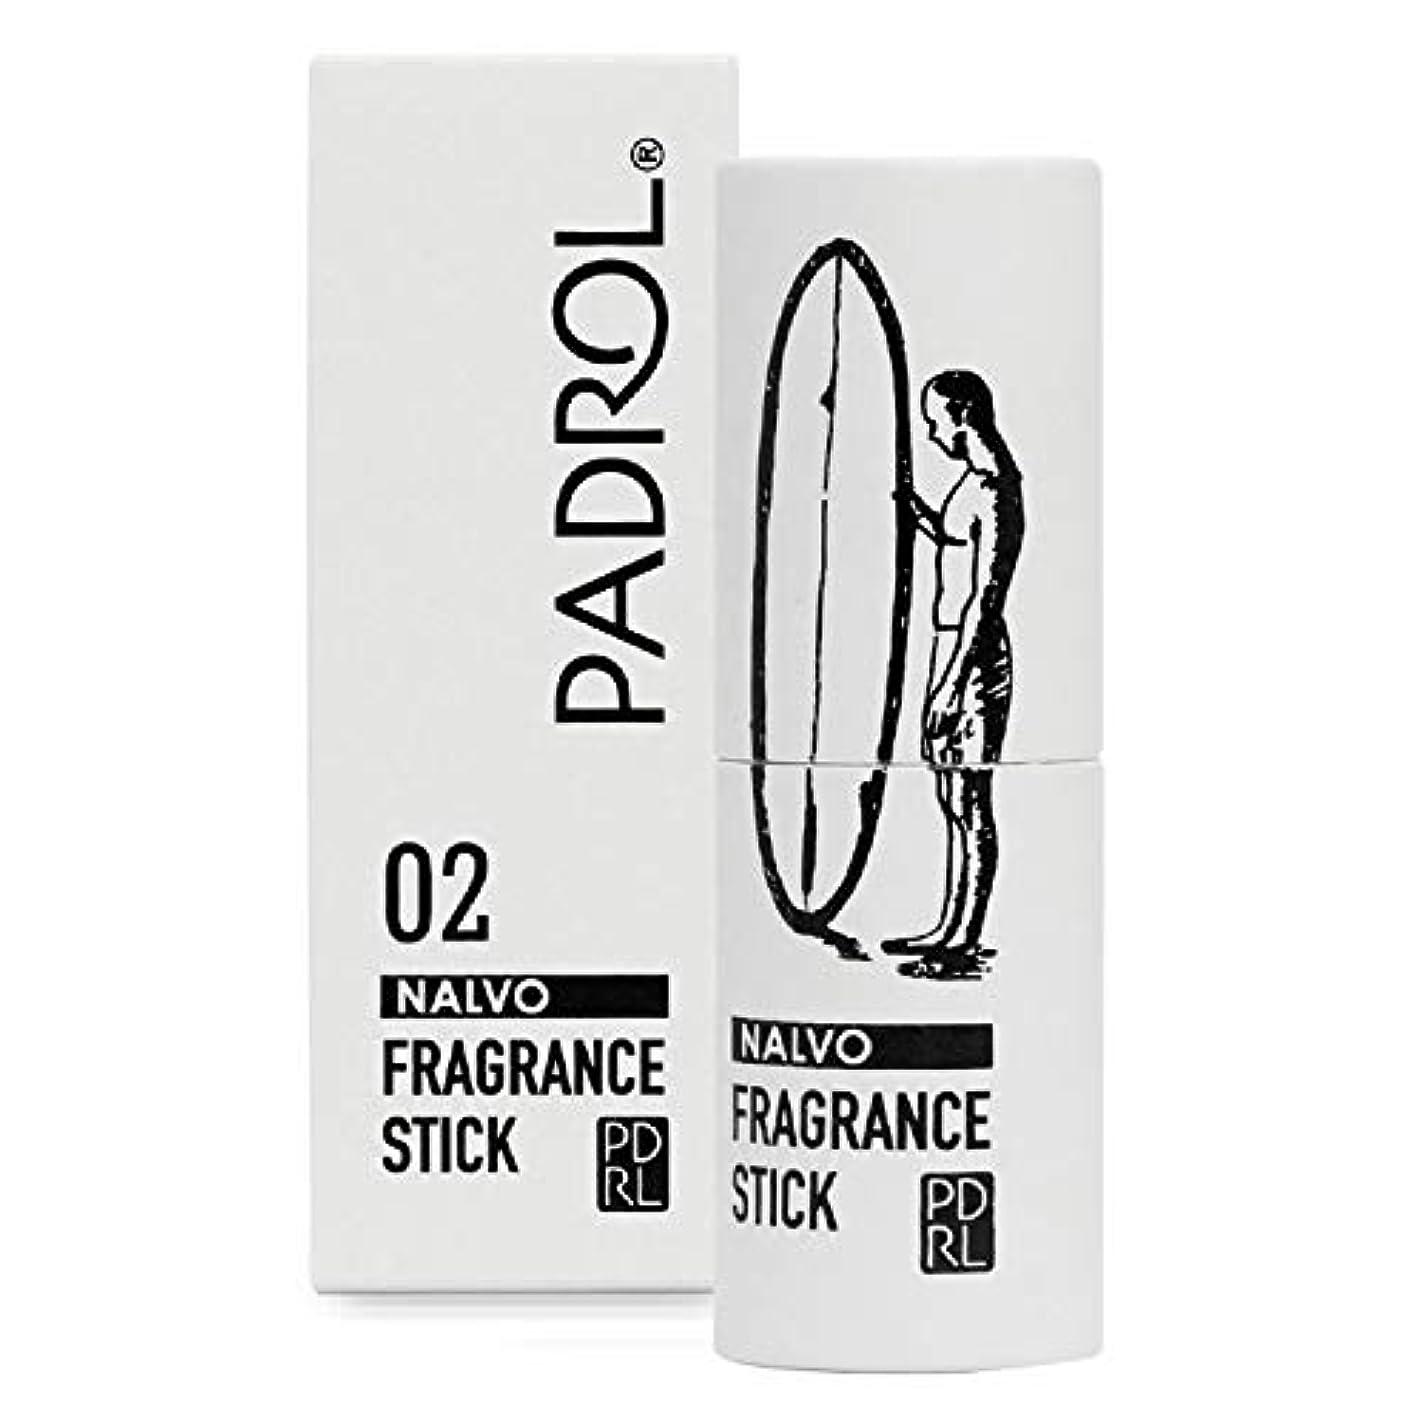 批判的に縫い目叫び声ノルコーポレーション 練り香水 PADROL(パドロール) フレグランススティック レモンの香り PAD-3-02